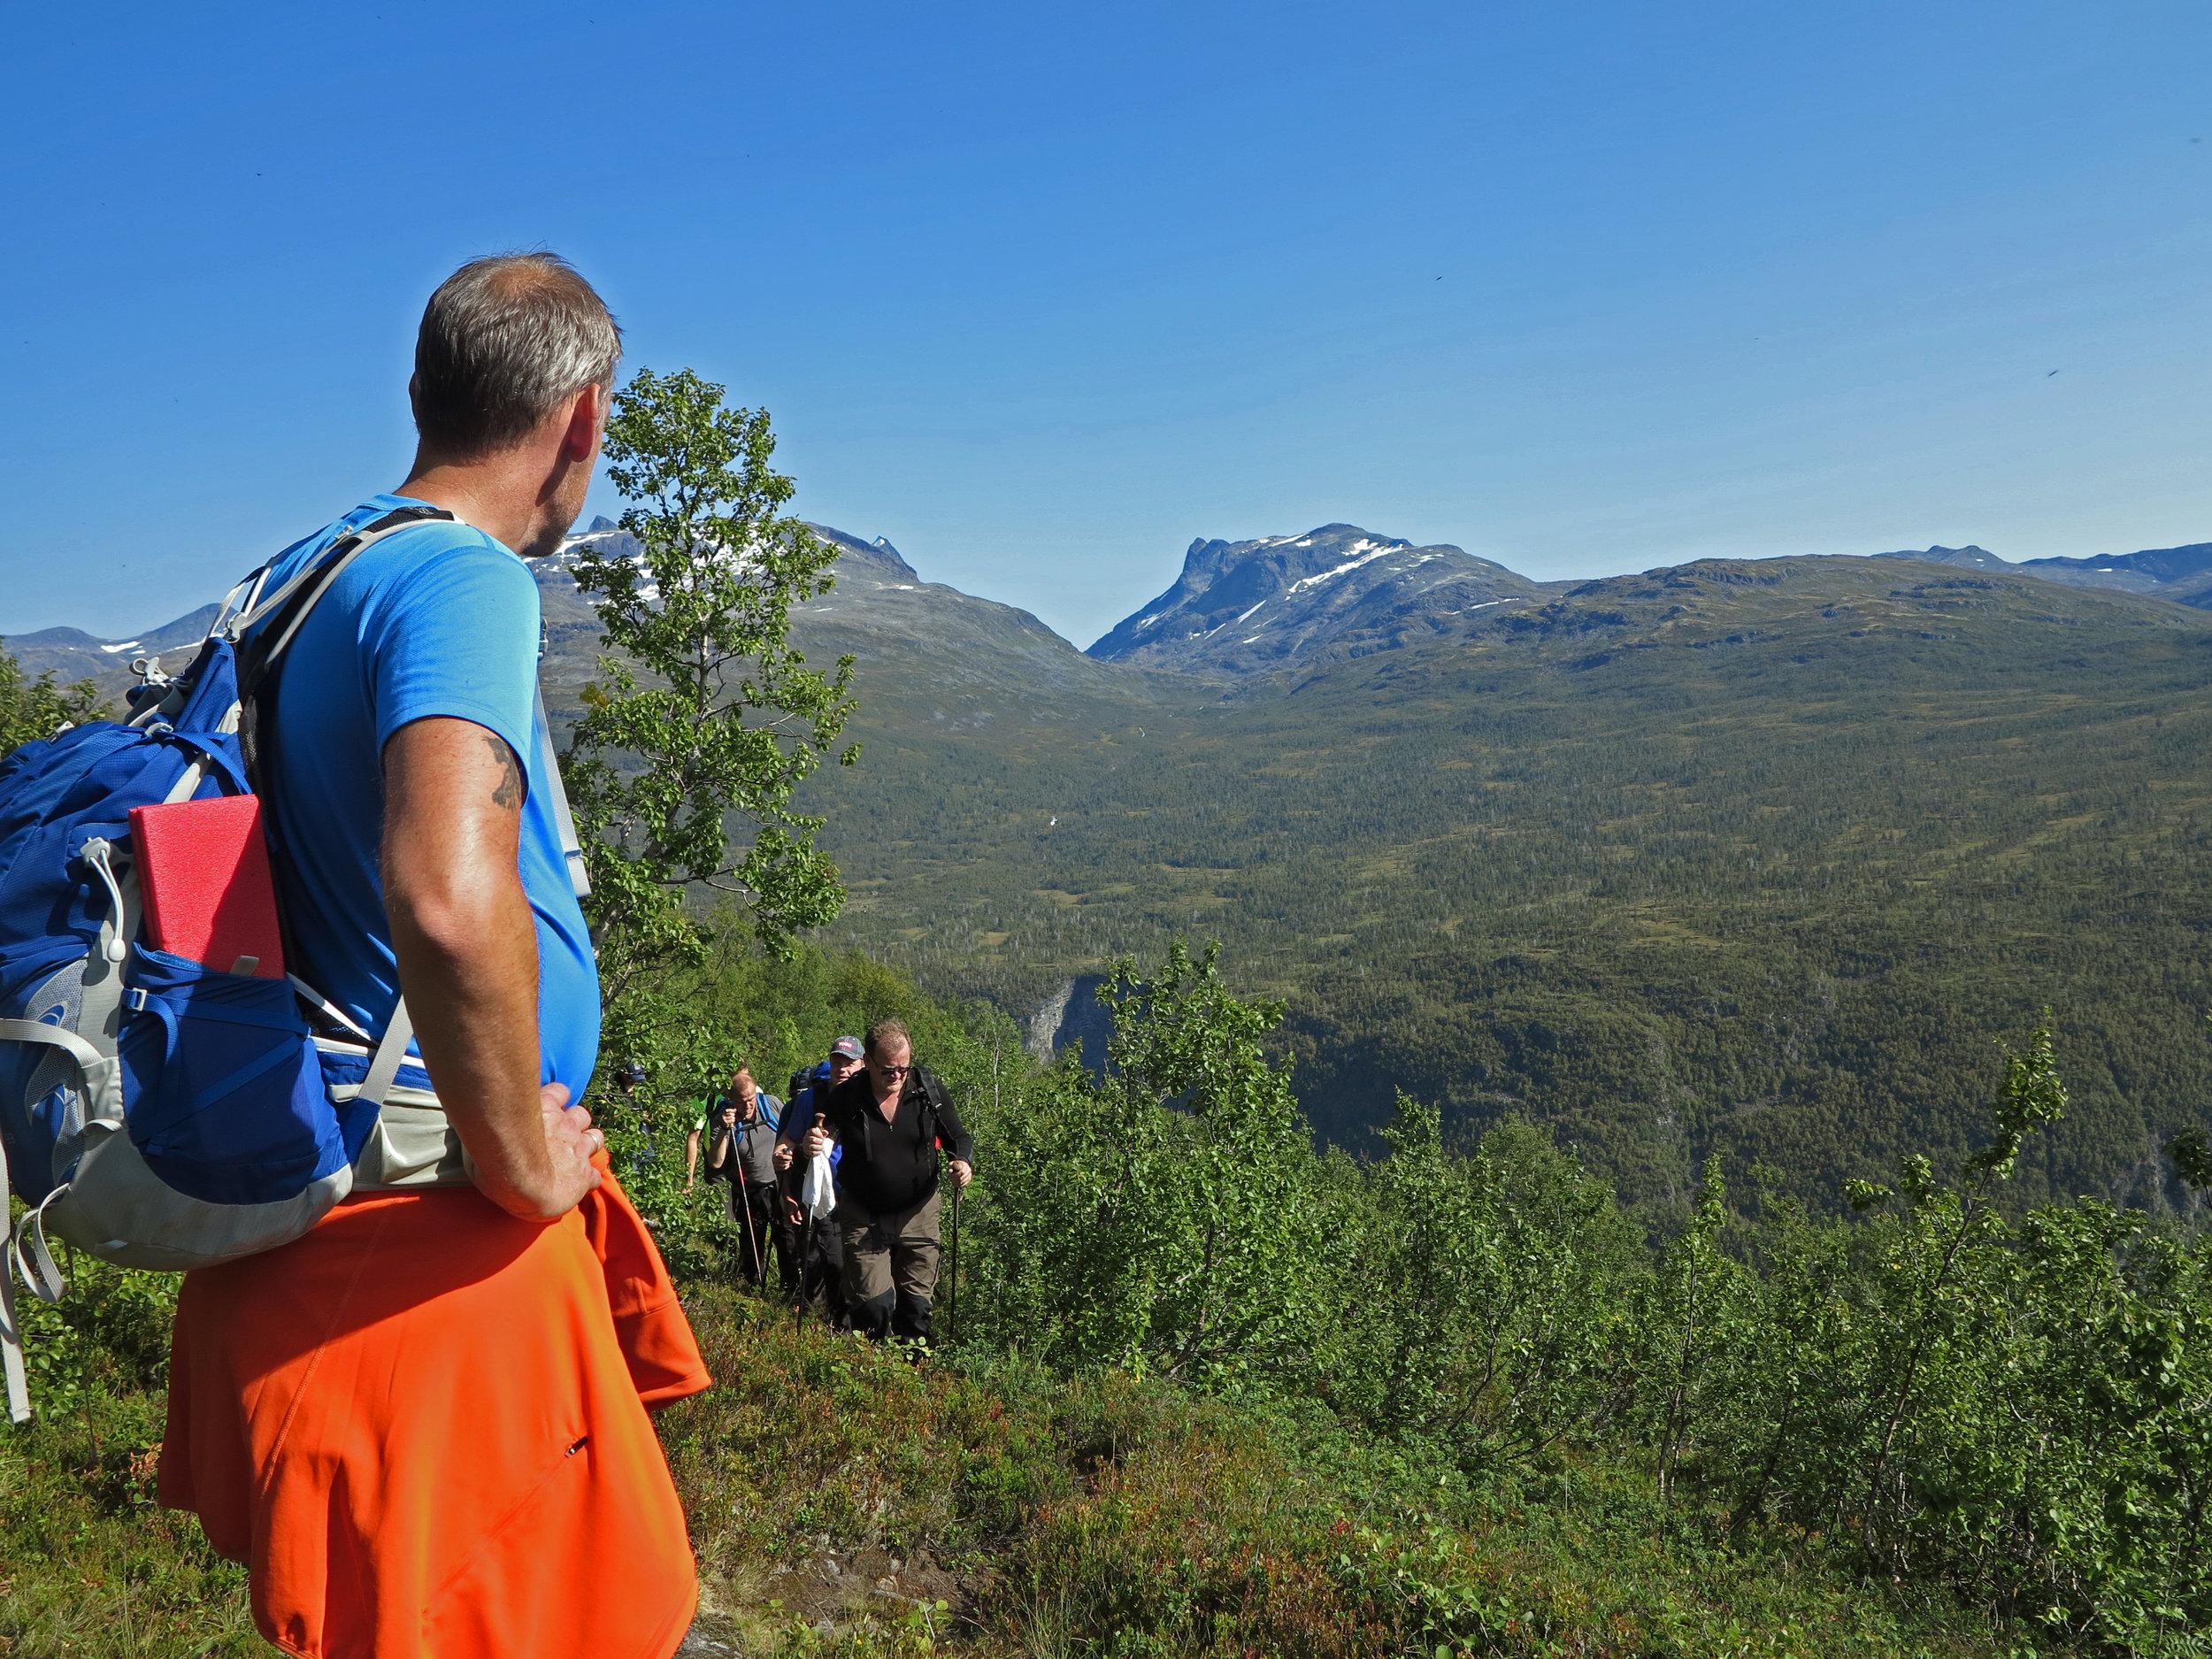 Vegen frå Stølsmaradalen mot Avdalen Gard byr på mange flotte utsynspunkt mot både tindar, Utladalen og Vettisfossen. Foto: www.bulderogbrak.no